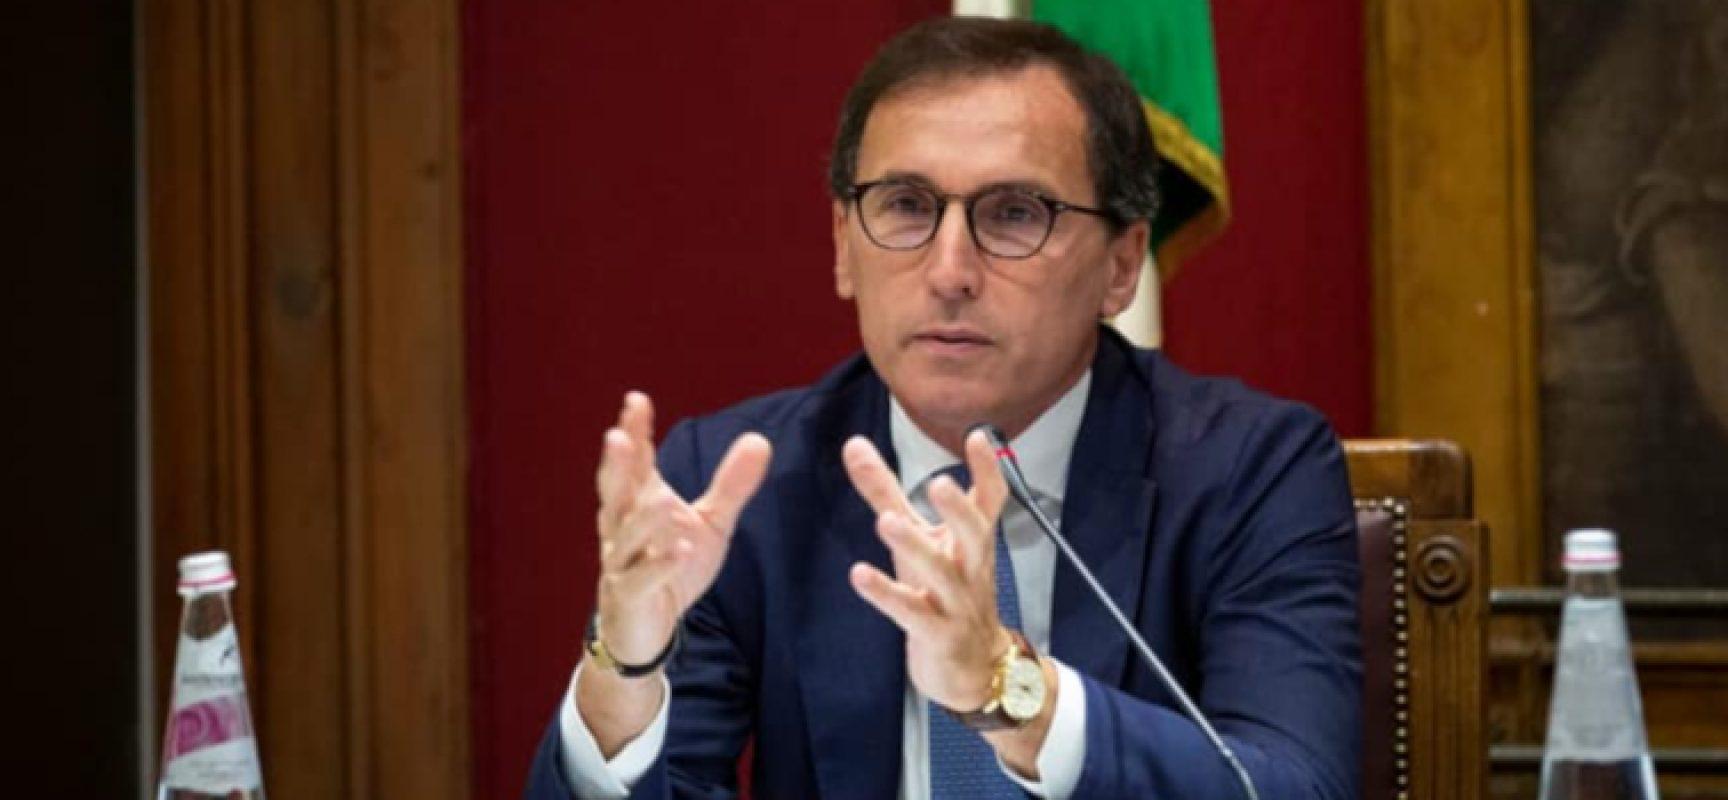 """Alluvioni 2016 e 2017, Boccia: """"Sbloccati contributi per aree coinvolte"""". C'è anche Bisceglie"""